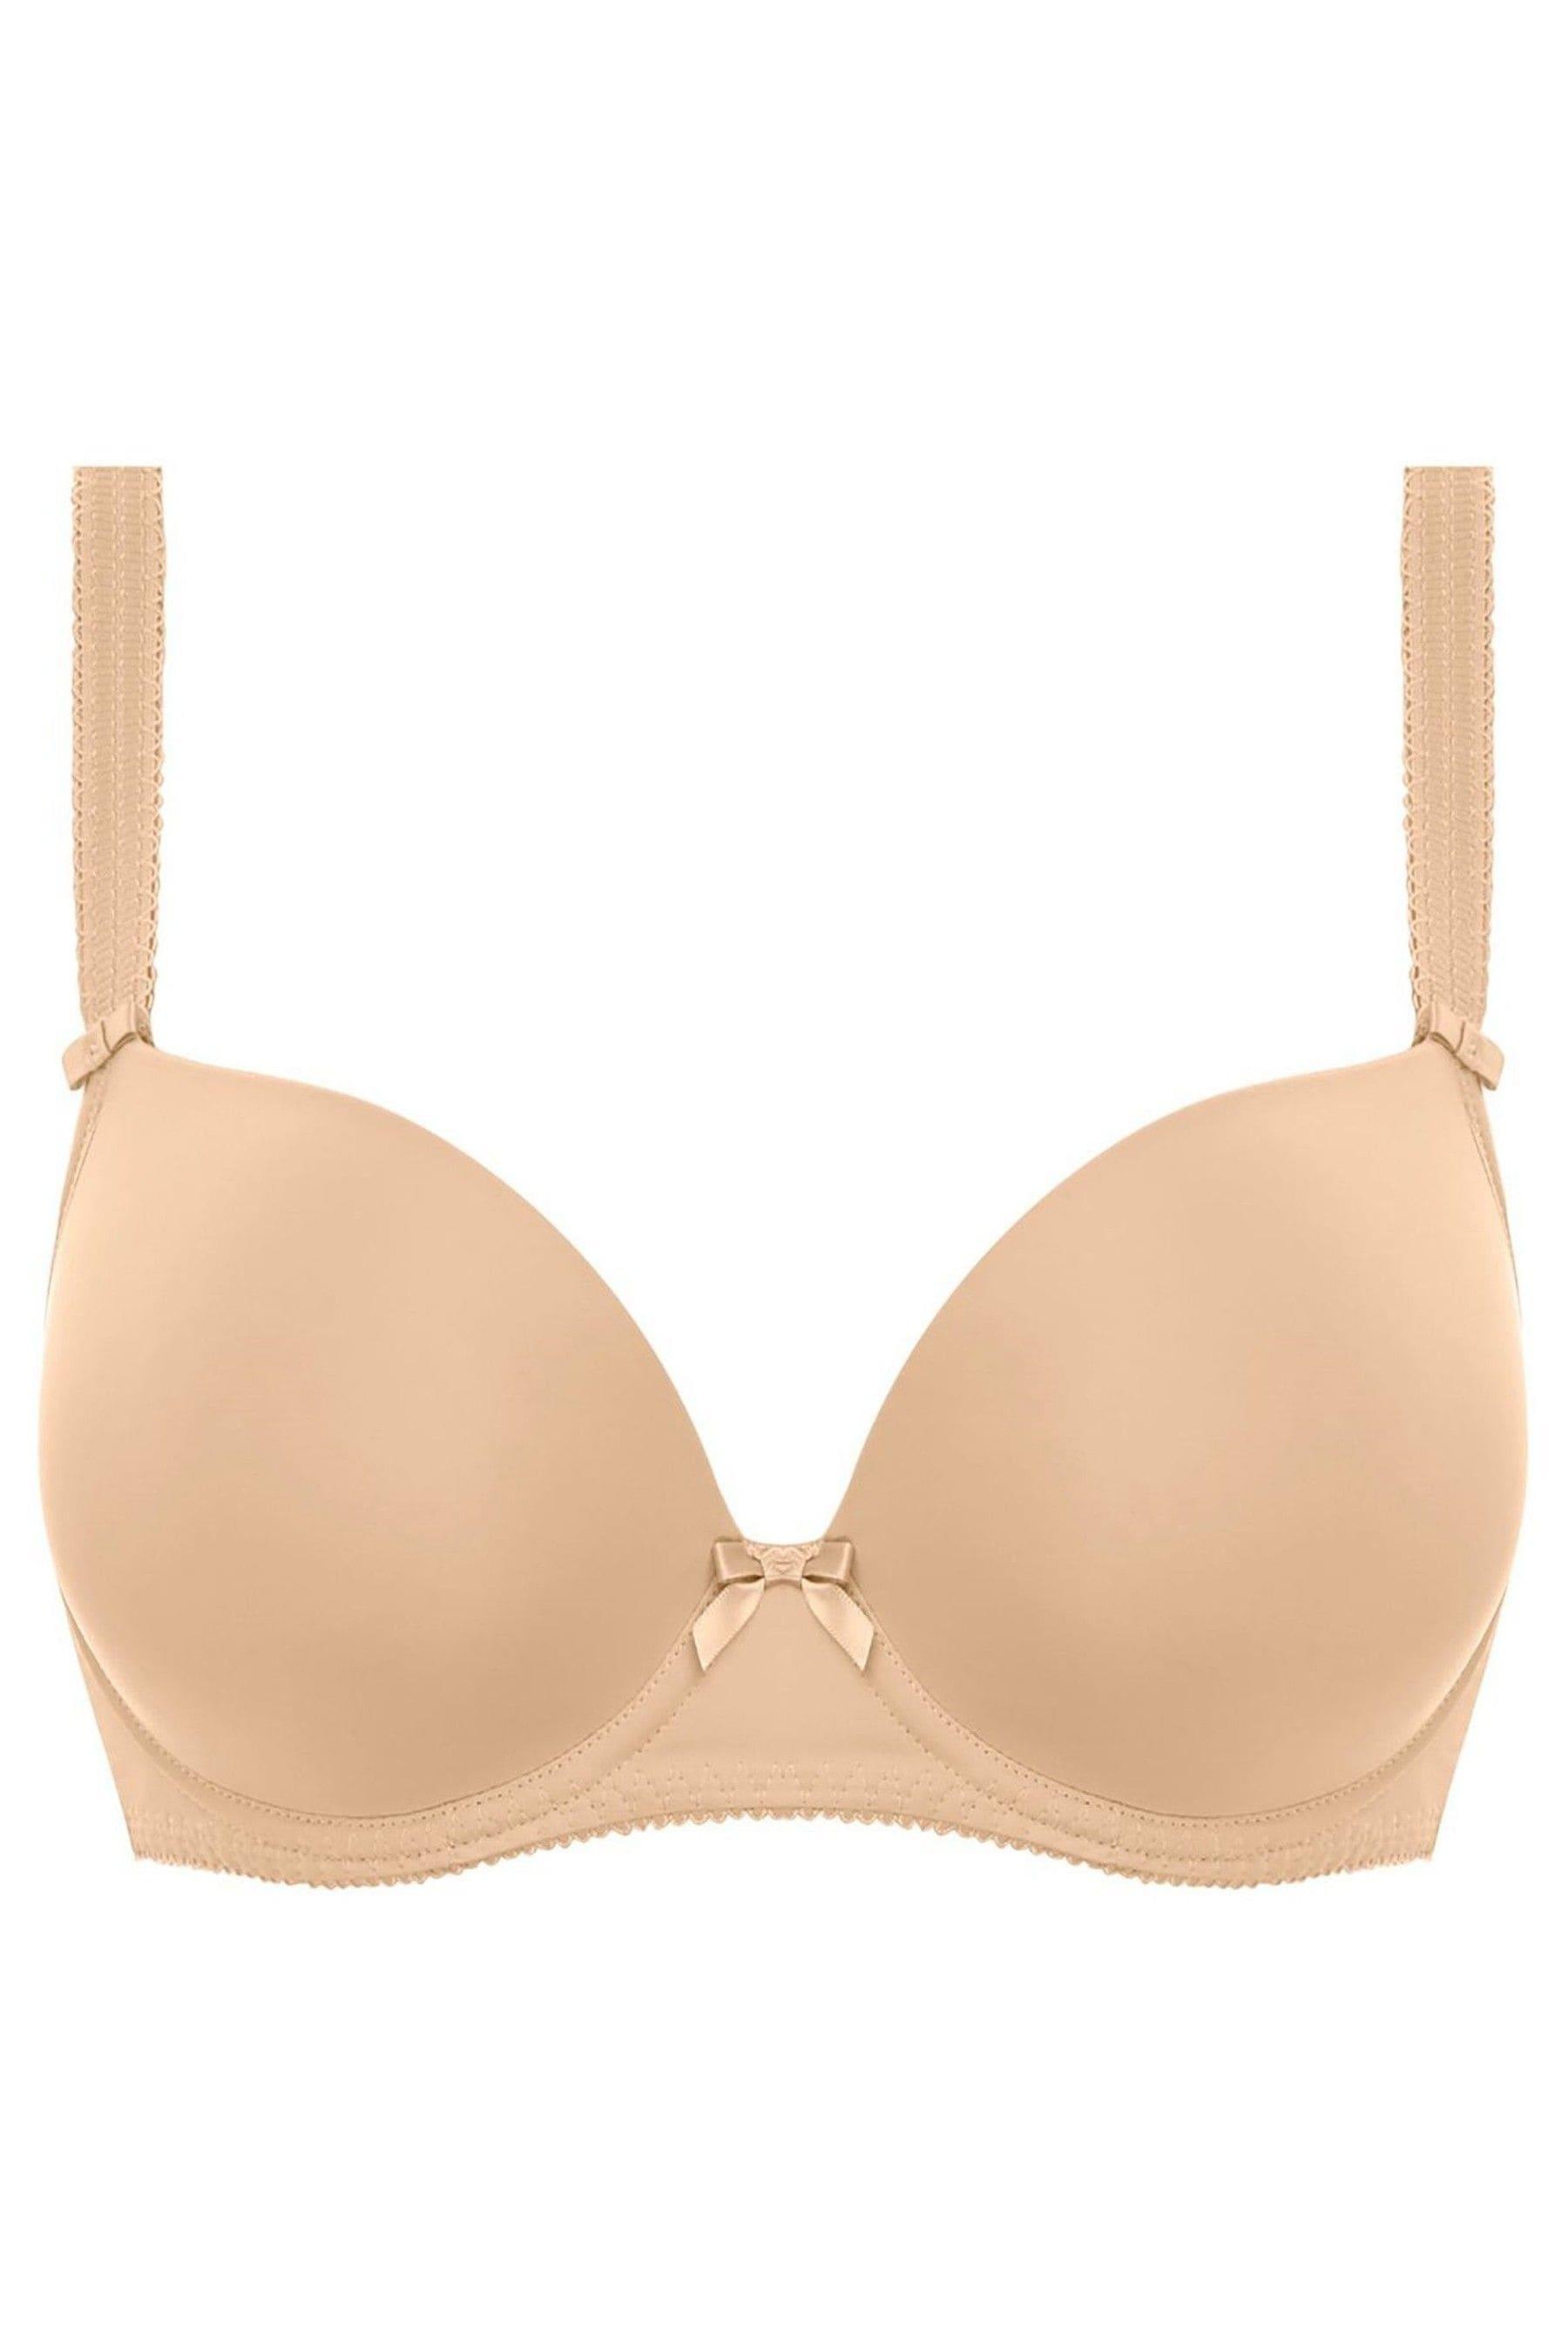 Freya Womens Deco UW Moulded Strapless Bra, Nude, 36C